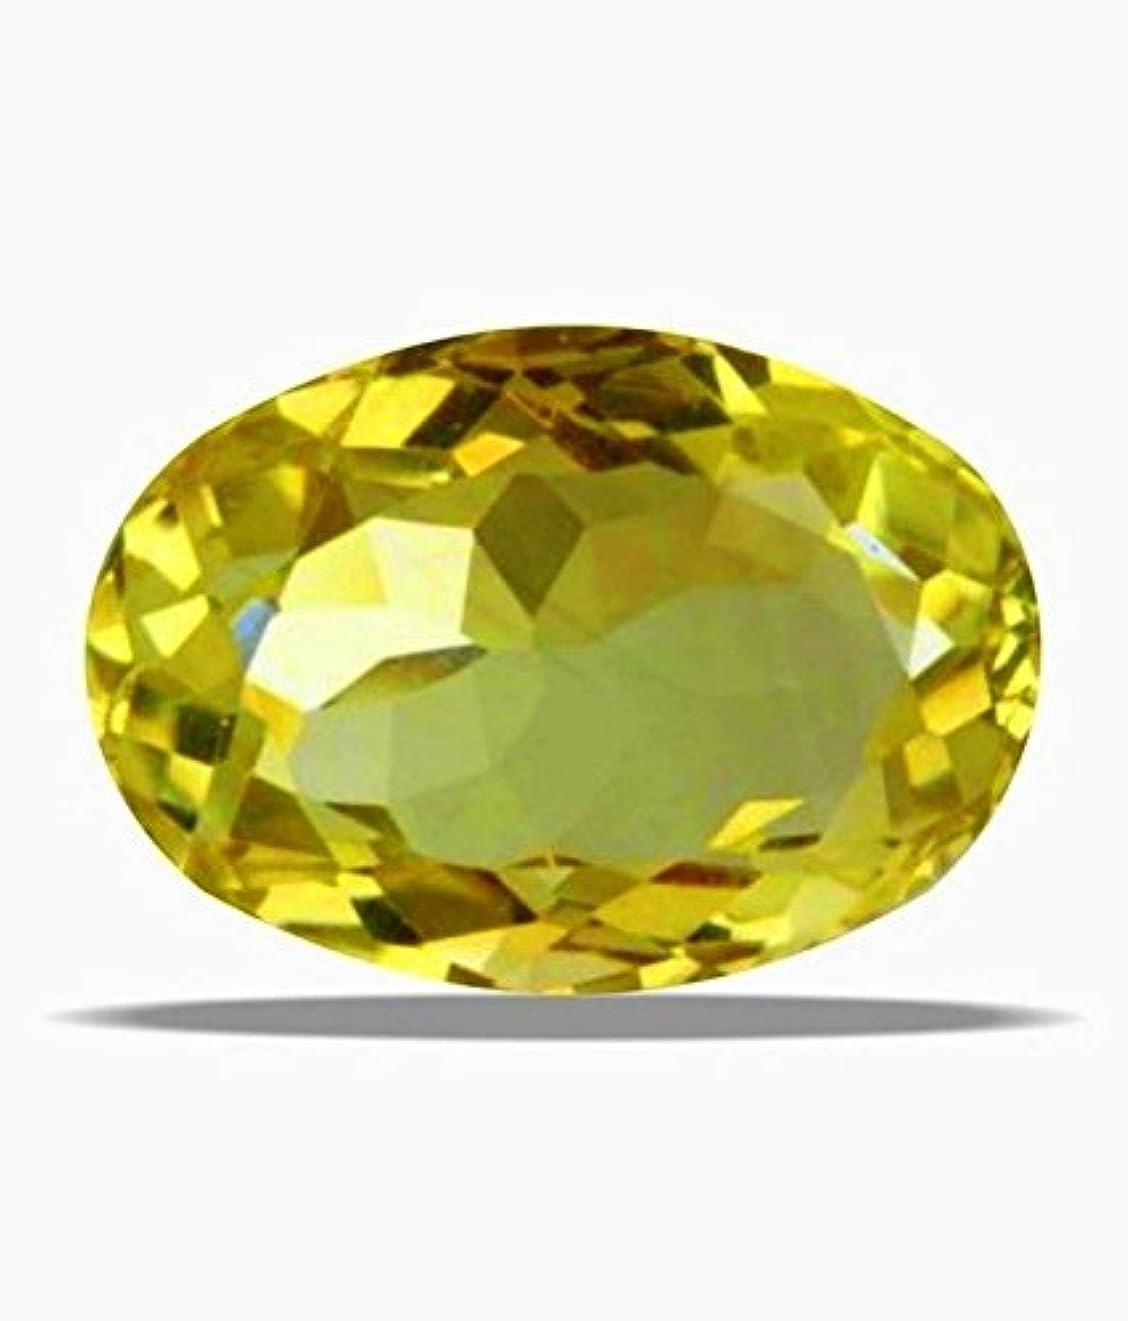 天然認定シトリンLoose宝石9.2カラットby gemselect